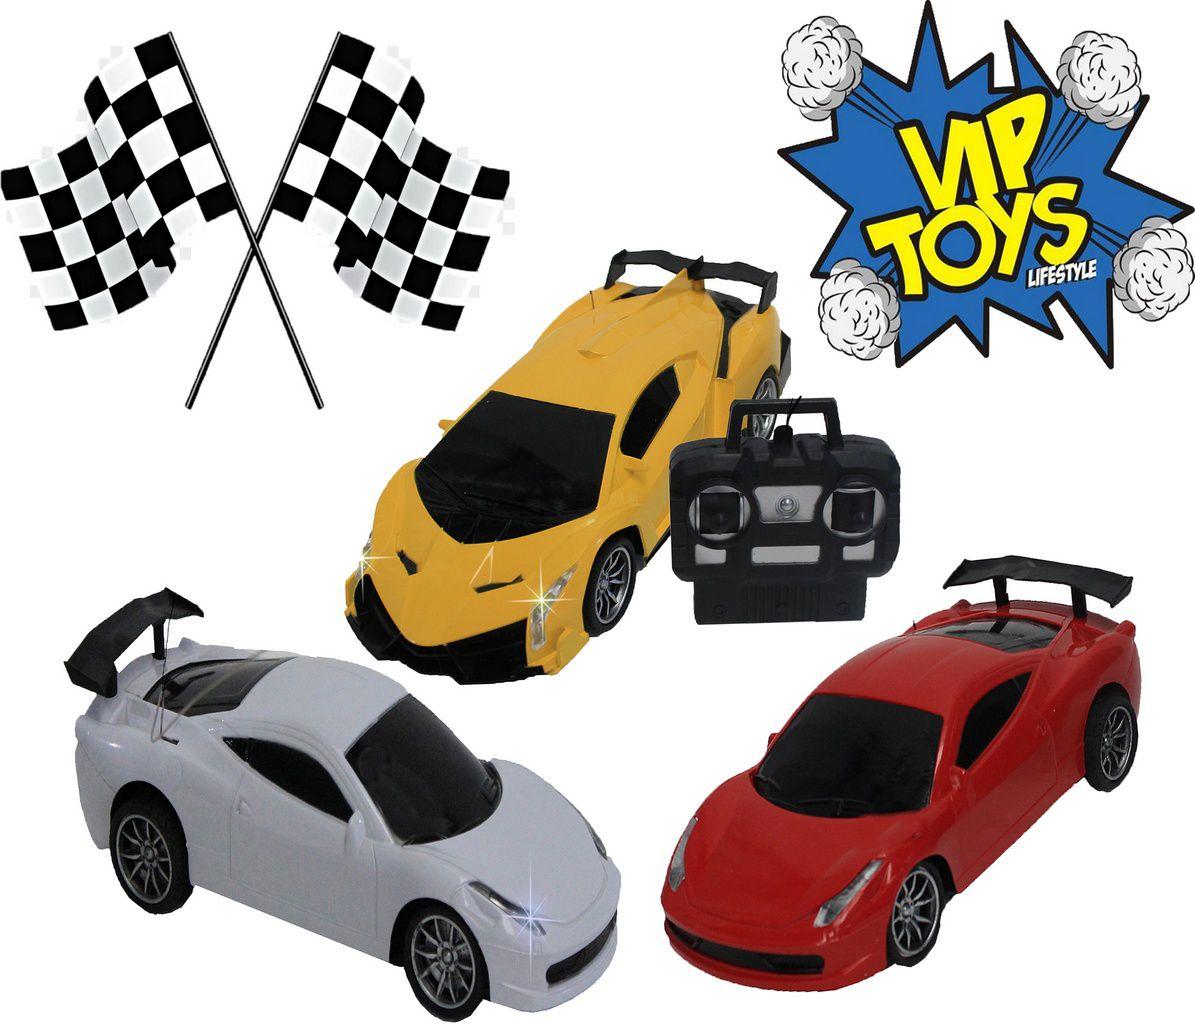 Carro De Controle Remoto Eletrônico Acende Farol Gold Racer 3 Pilhas 1,5 V AA Menino Amarelo Vermelho Branco Pequeno Resistente Original Vip Toys